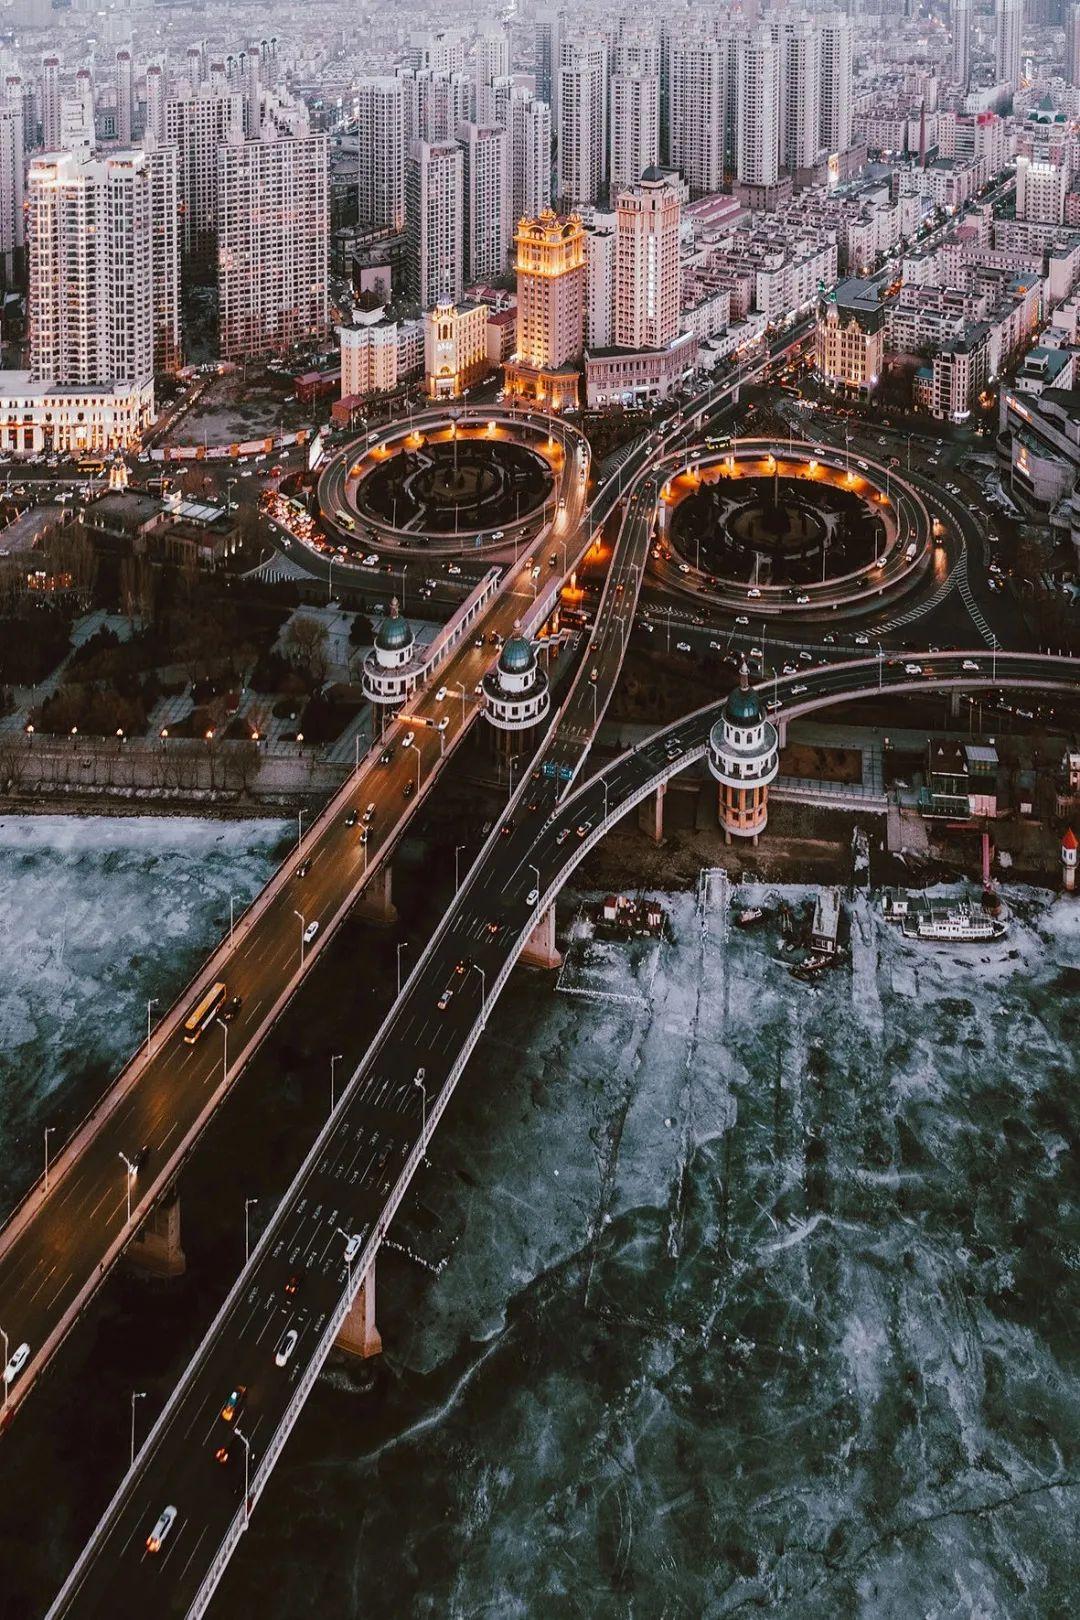 ▲ 哈尔滨的松花江公路大桥。图/视觉中国